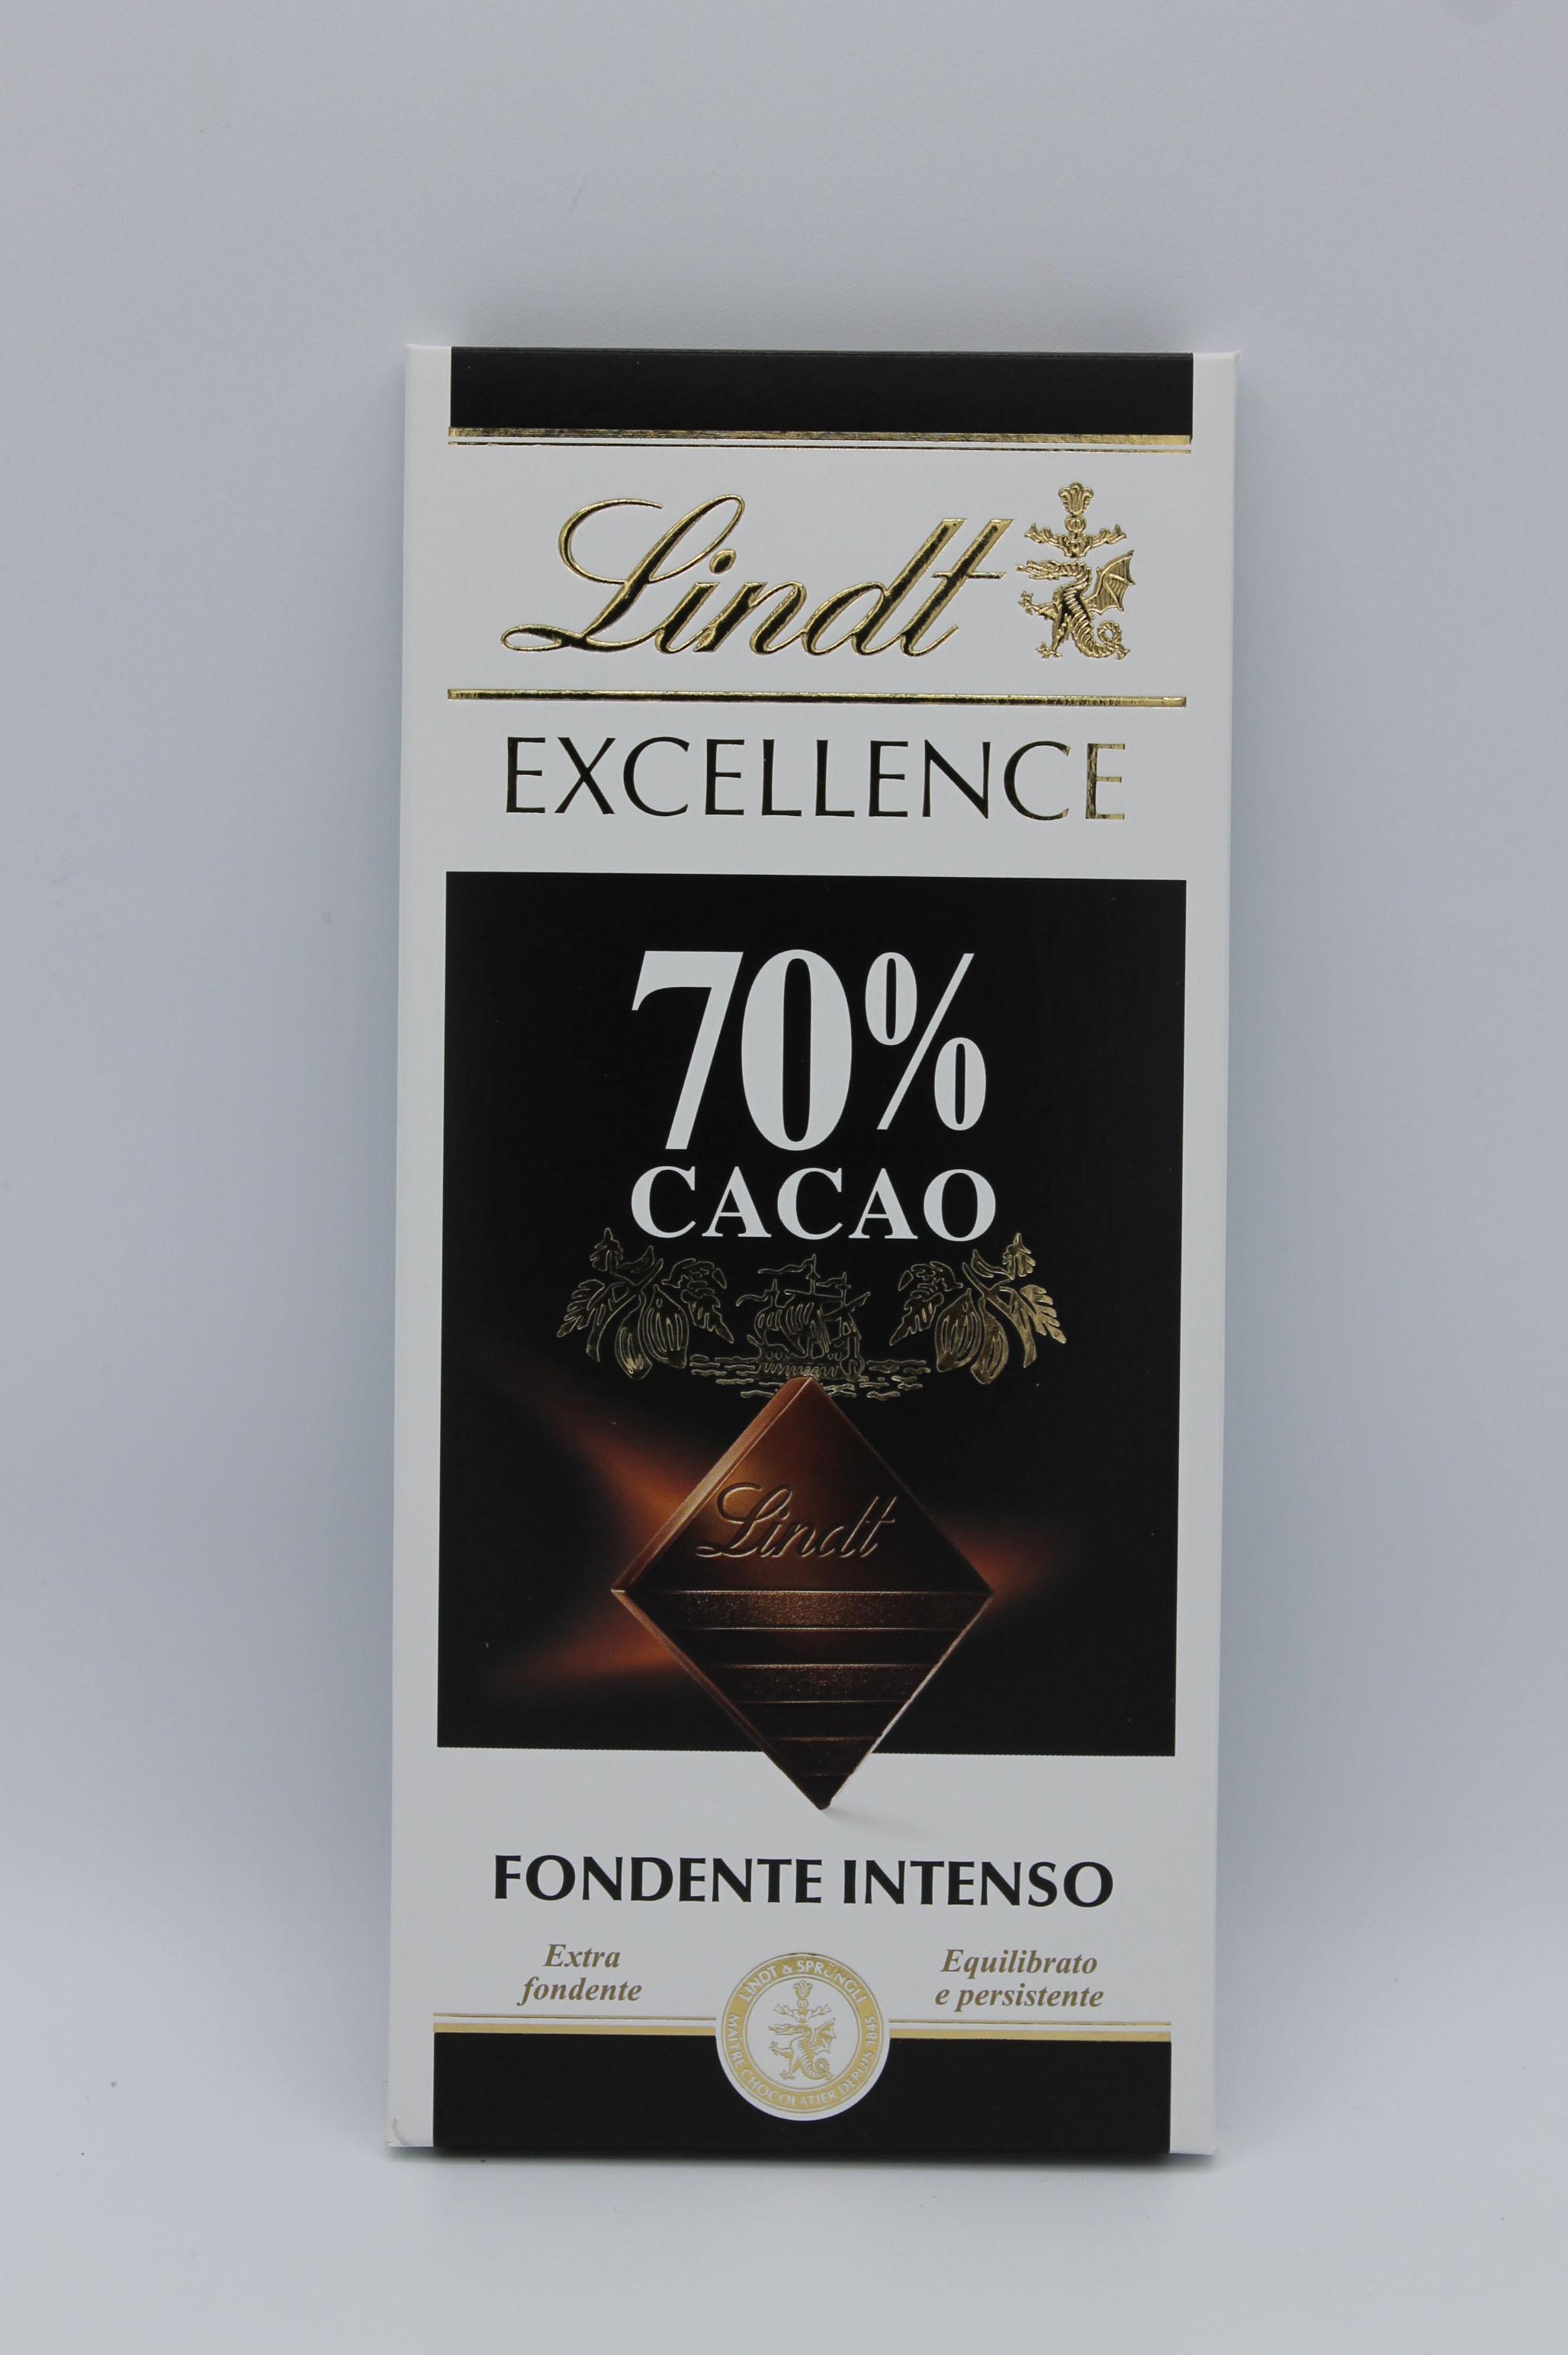 Lindt tavoletta 70% cacao 100gr.